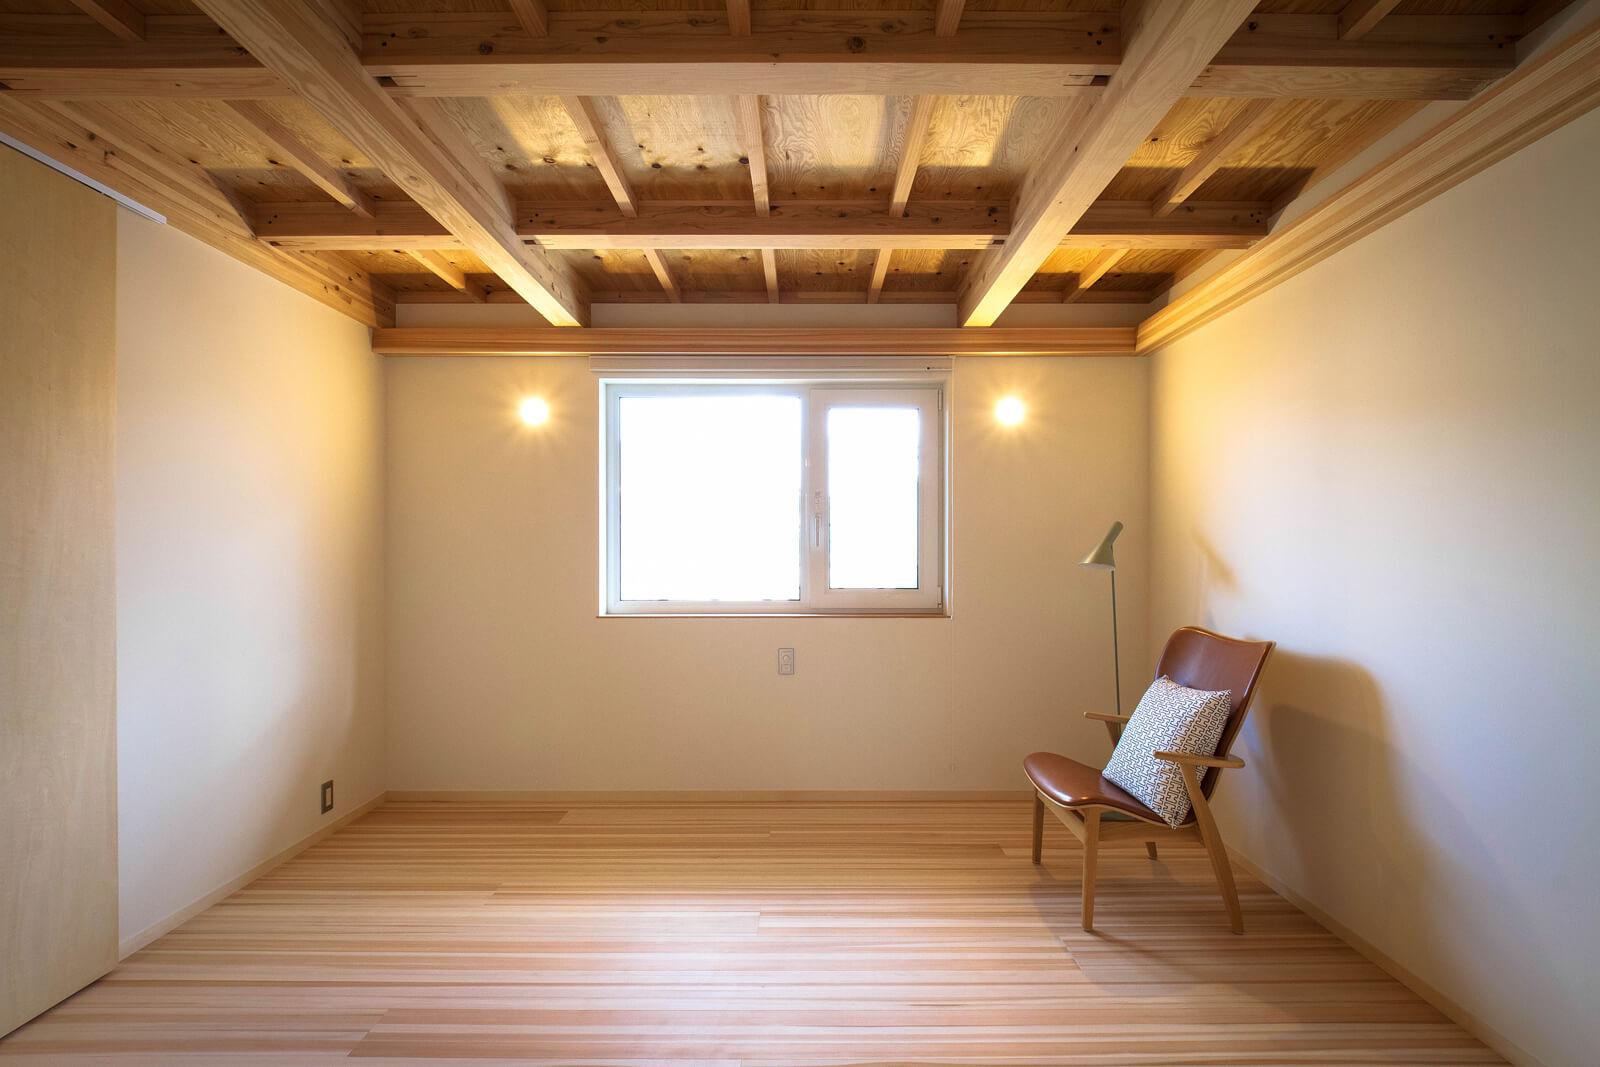 2階主寝室。天井は構造体を兼ねていて、その上にはセルロースファイバー350㎜を吹き込んである